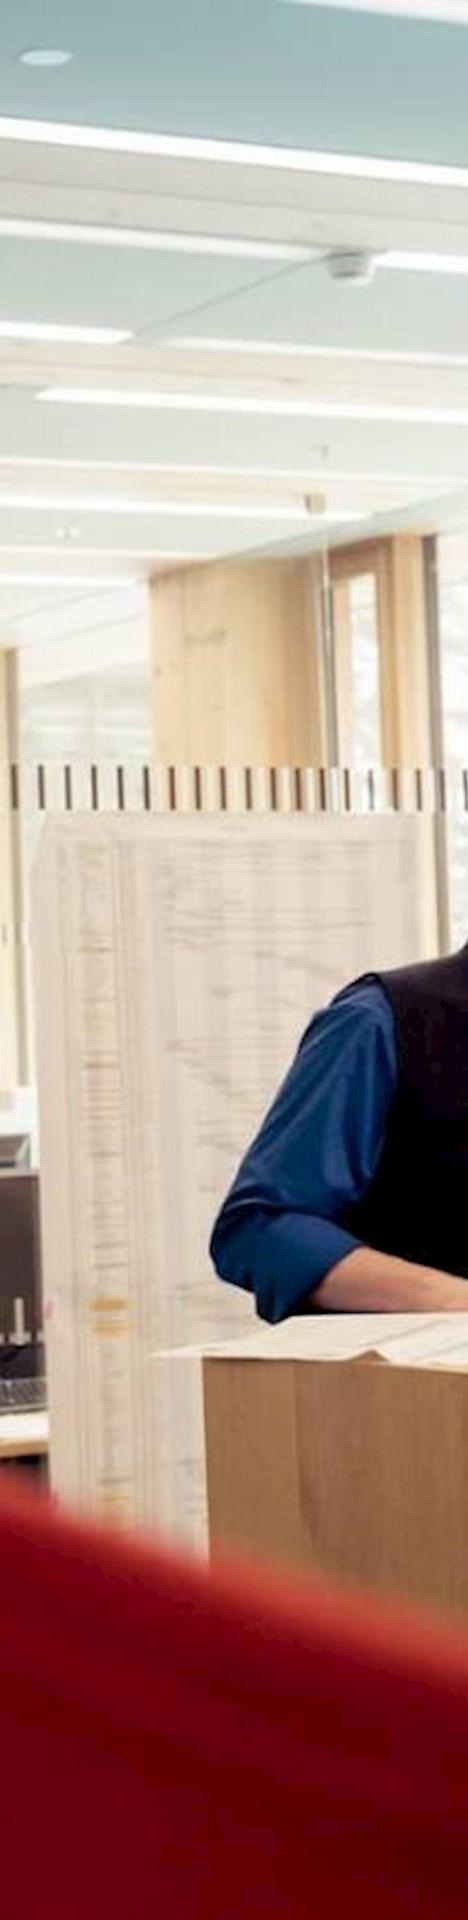 Brunel: Ein Arbeitgeber, viele Möglichkeiten